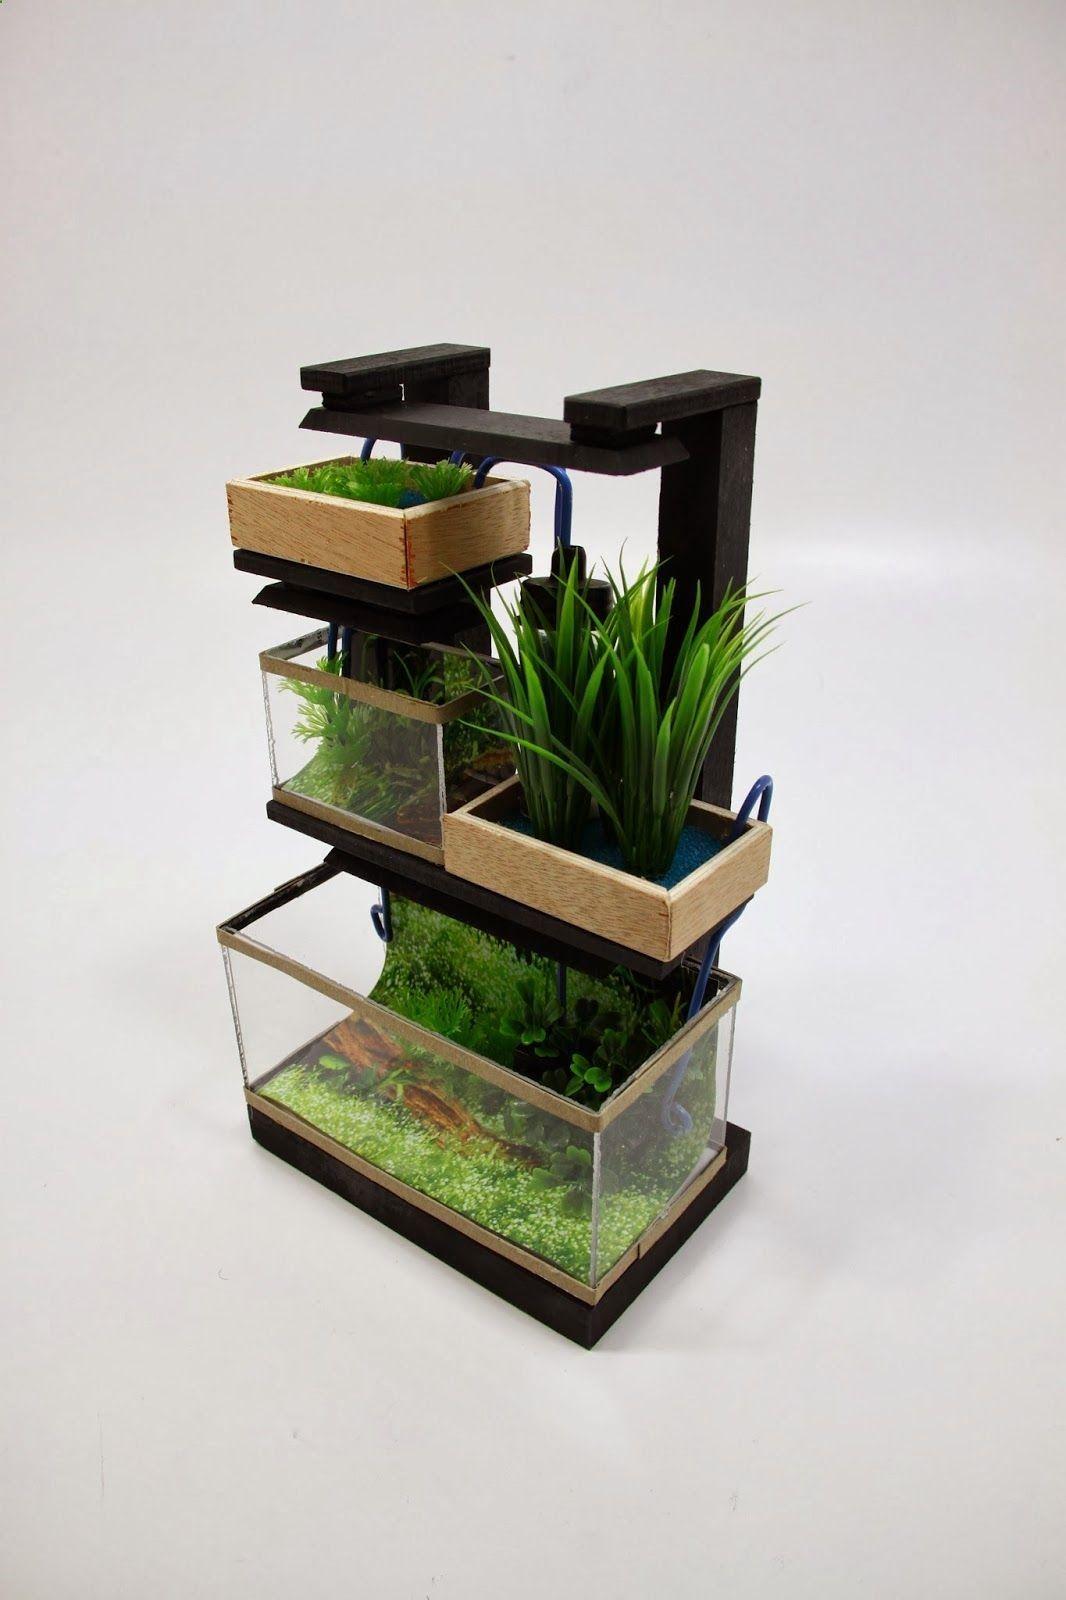 Aquaponics aquarium aquaponics is hydroponics plus aquaponics